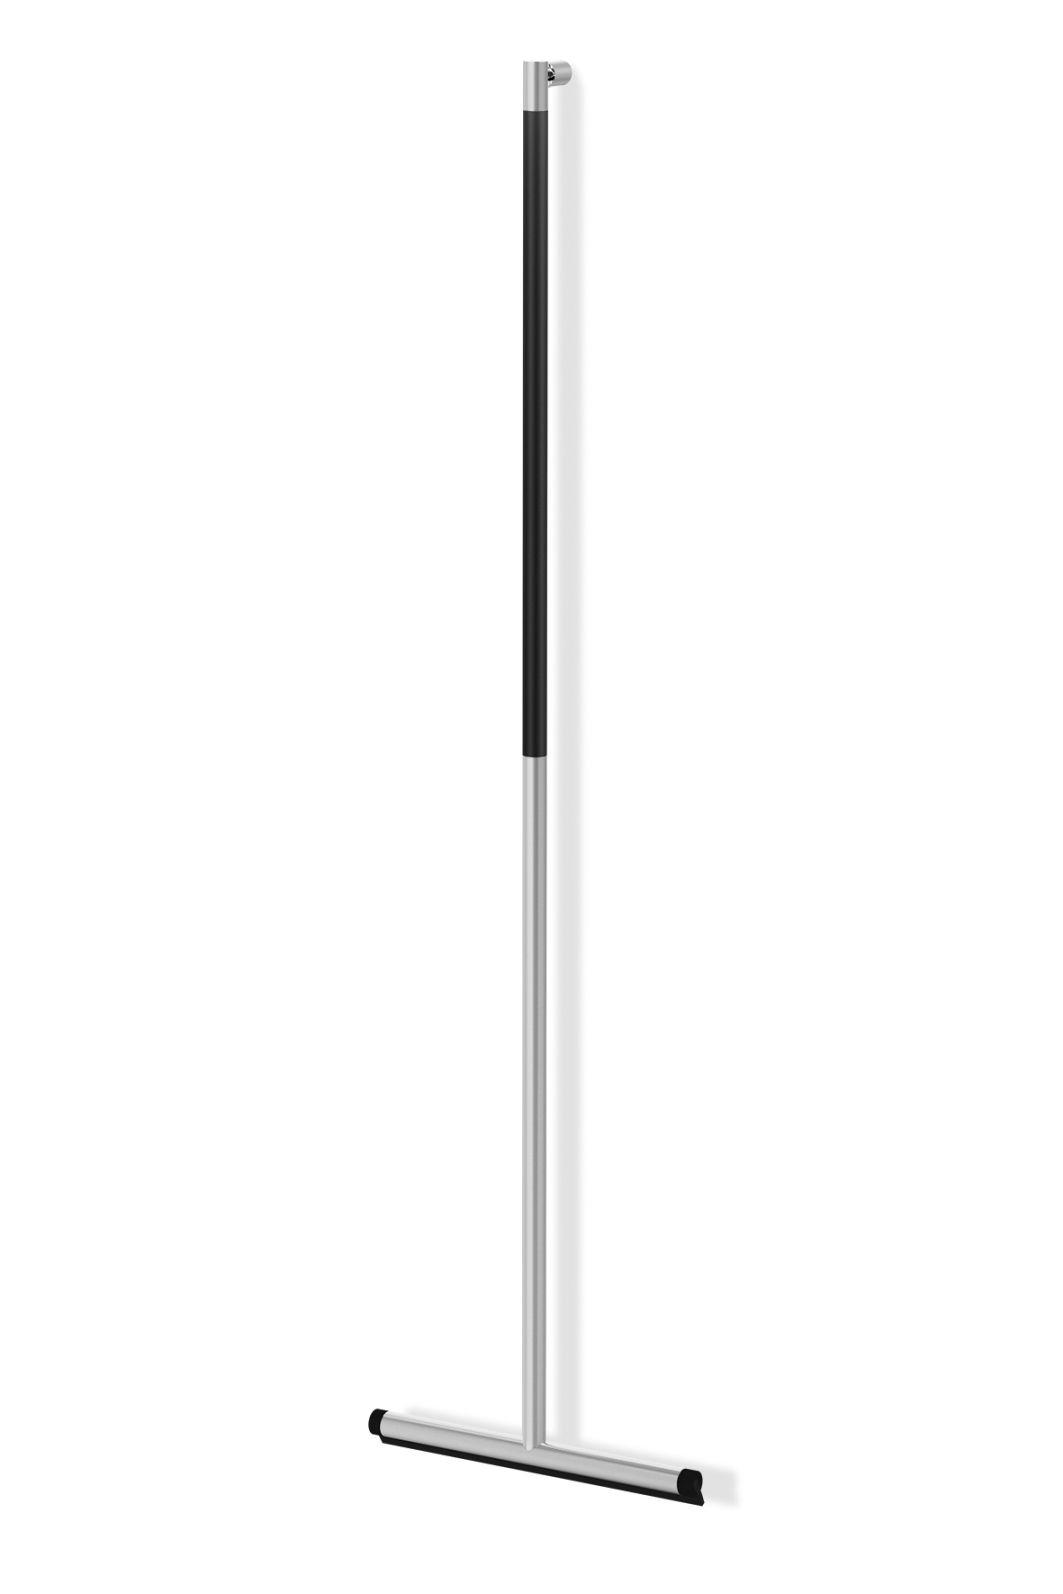 Podlahová stěrka JAZ, 120 cm - ZACK